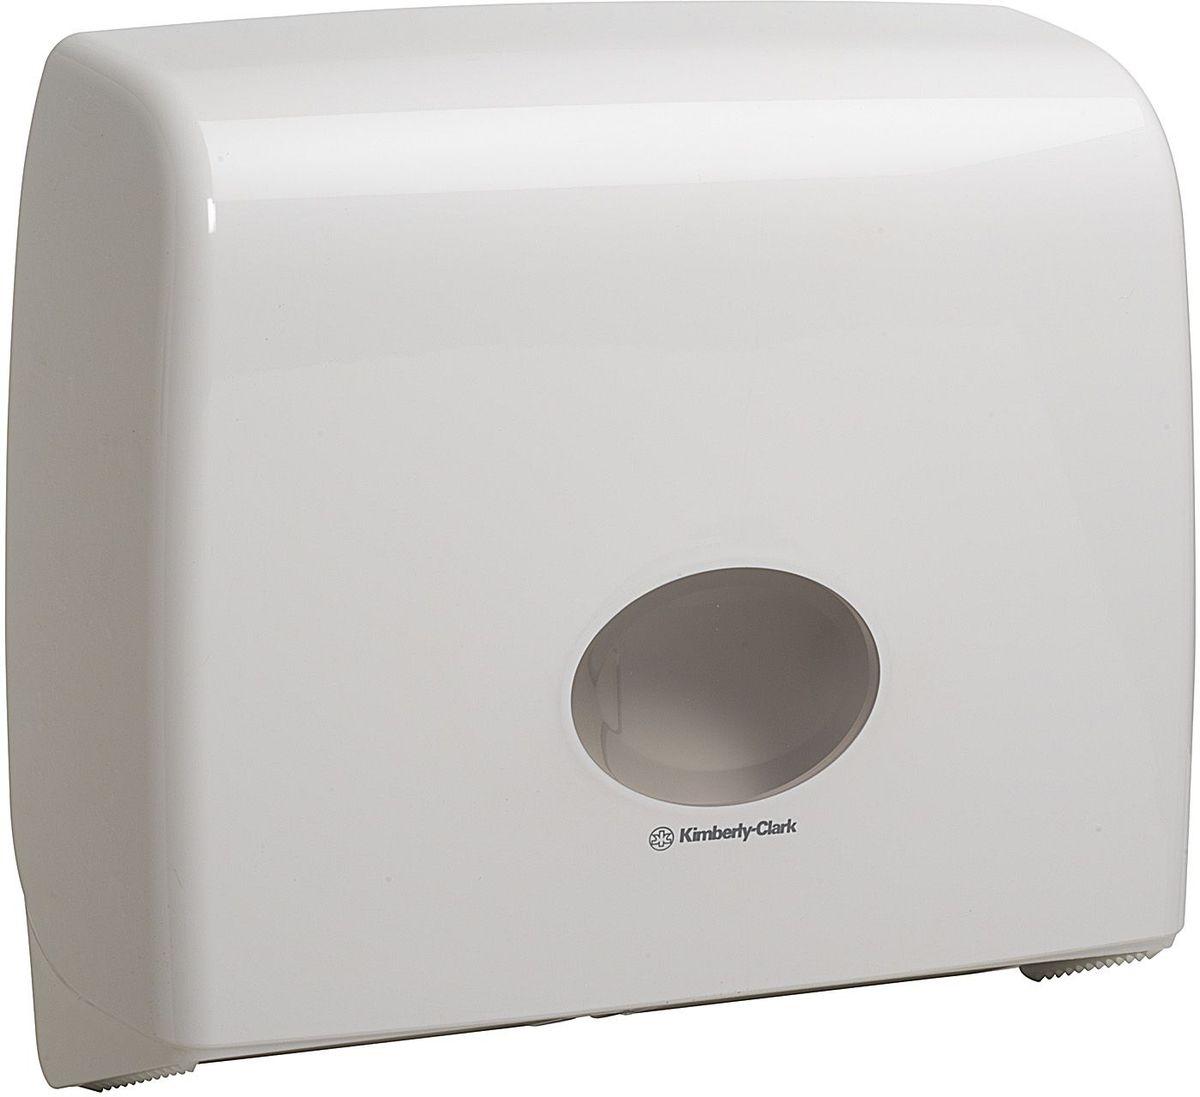 Диспенсер для туалетной бумаги Aquarius Jumbo, большой рулон, цвет: белый. 69916991Ассортимент диспенсеров для рулонной туалетной бумаги, которые выполнены в одном стиле с диспенсерами для мыла и для полотенец для рук. Диспенсеры мотивируют сотрудников соблюдать гигиенические нормы, повышают уровень комфорта, демонстрируют заботу о персонале и помогают сократить расходы. Идеальное решение, обеспечивающее подачу рулонной туалетной бумаги из элегантного диспенсера в туалетных комнатах с высокой проходимостью, легкая загрузка, практичное, гигиеничное и экономичное решение.Формат поставки: диспенсер современного дизайна, обтекаемой формы, обеспечивающий быструю заправку; белое глянцевое, легко очищаемое покрытие; отсутствие мест скопления пыли и грязи; смотровое окно для контроля за расходными материалами; возможность выбора цветовых вставок в соответствие с интерьером конкретных туалетных комнат. Замена диспенсера 6987. Совместим с туалетной бумагой: 8440, 8442, 8446, 8449, 8474, 8484, 8517, 8519, 8559.